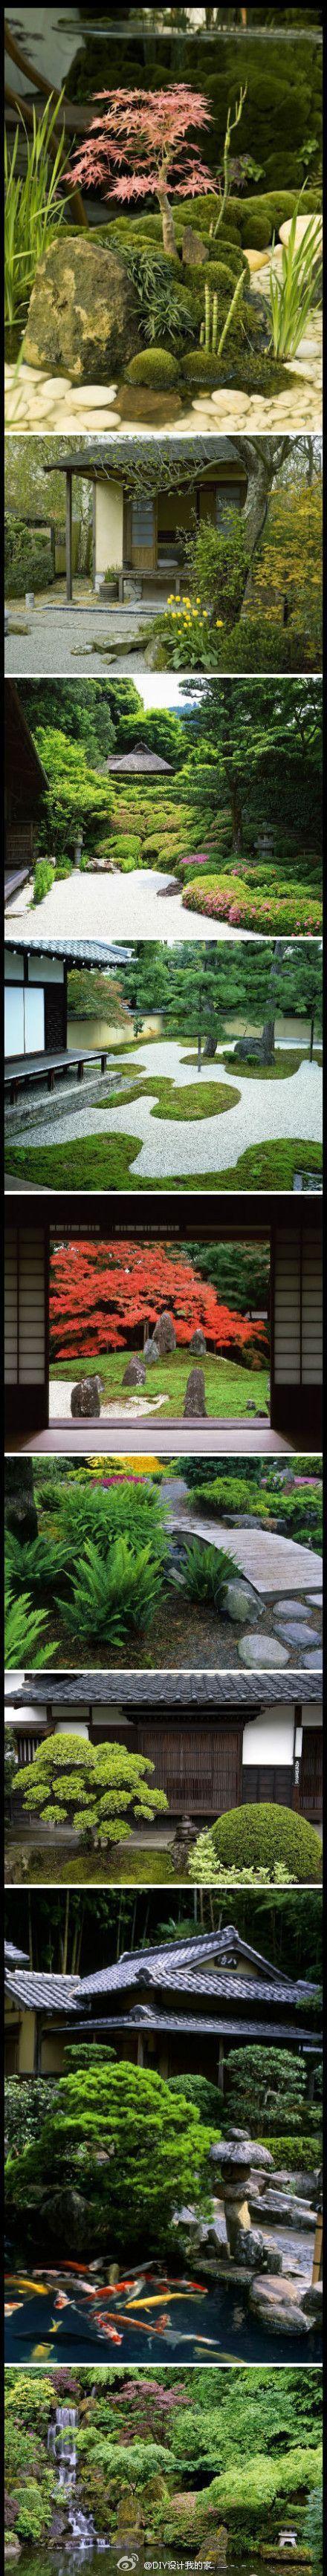 Japan - Various Gardens